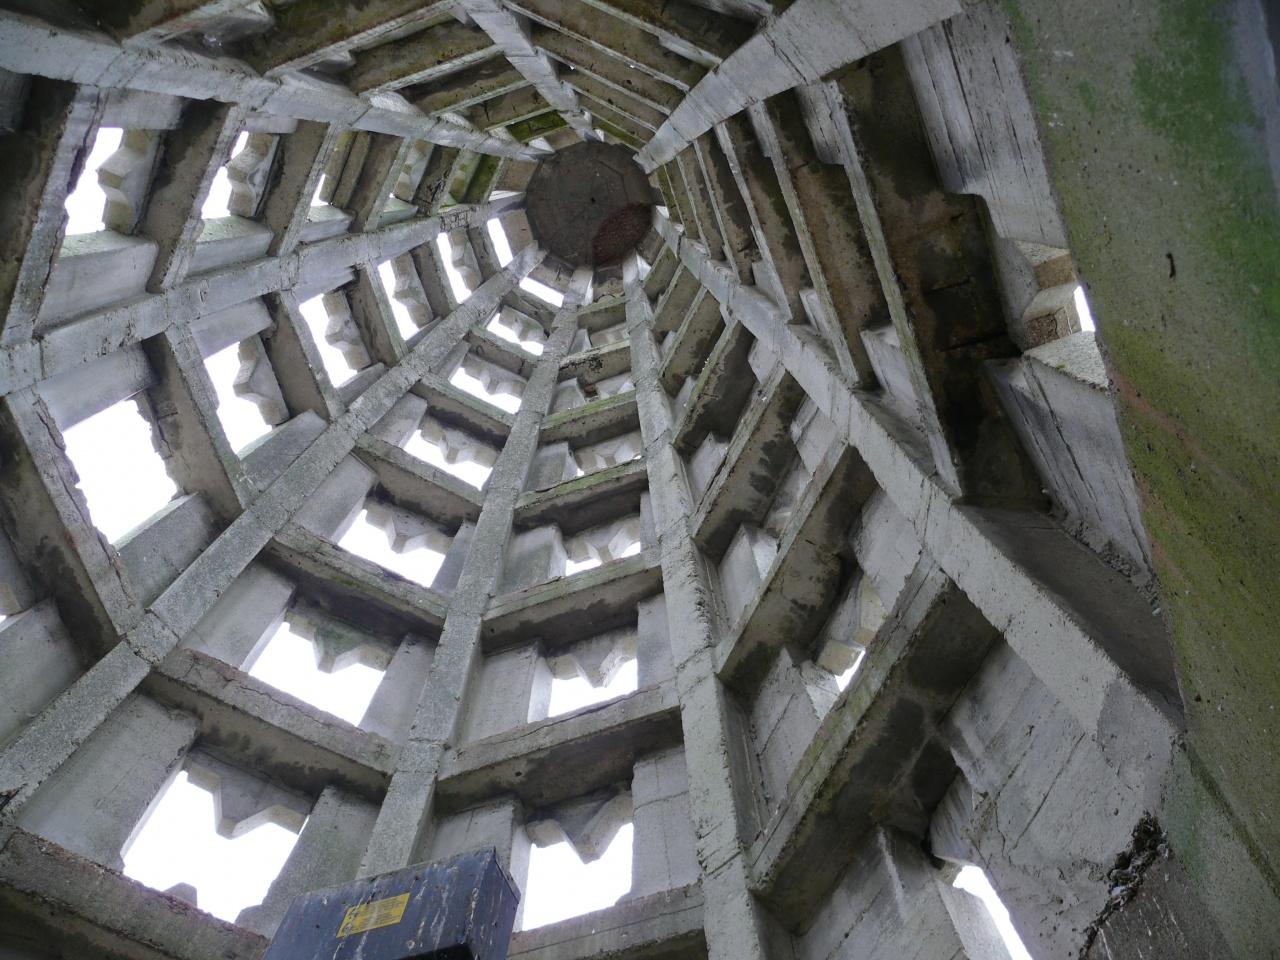 Le clocher vu de l'intérieur